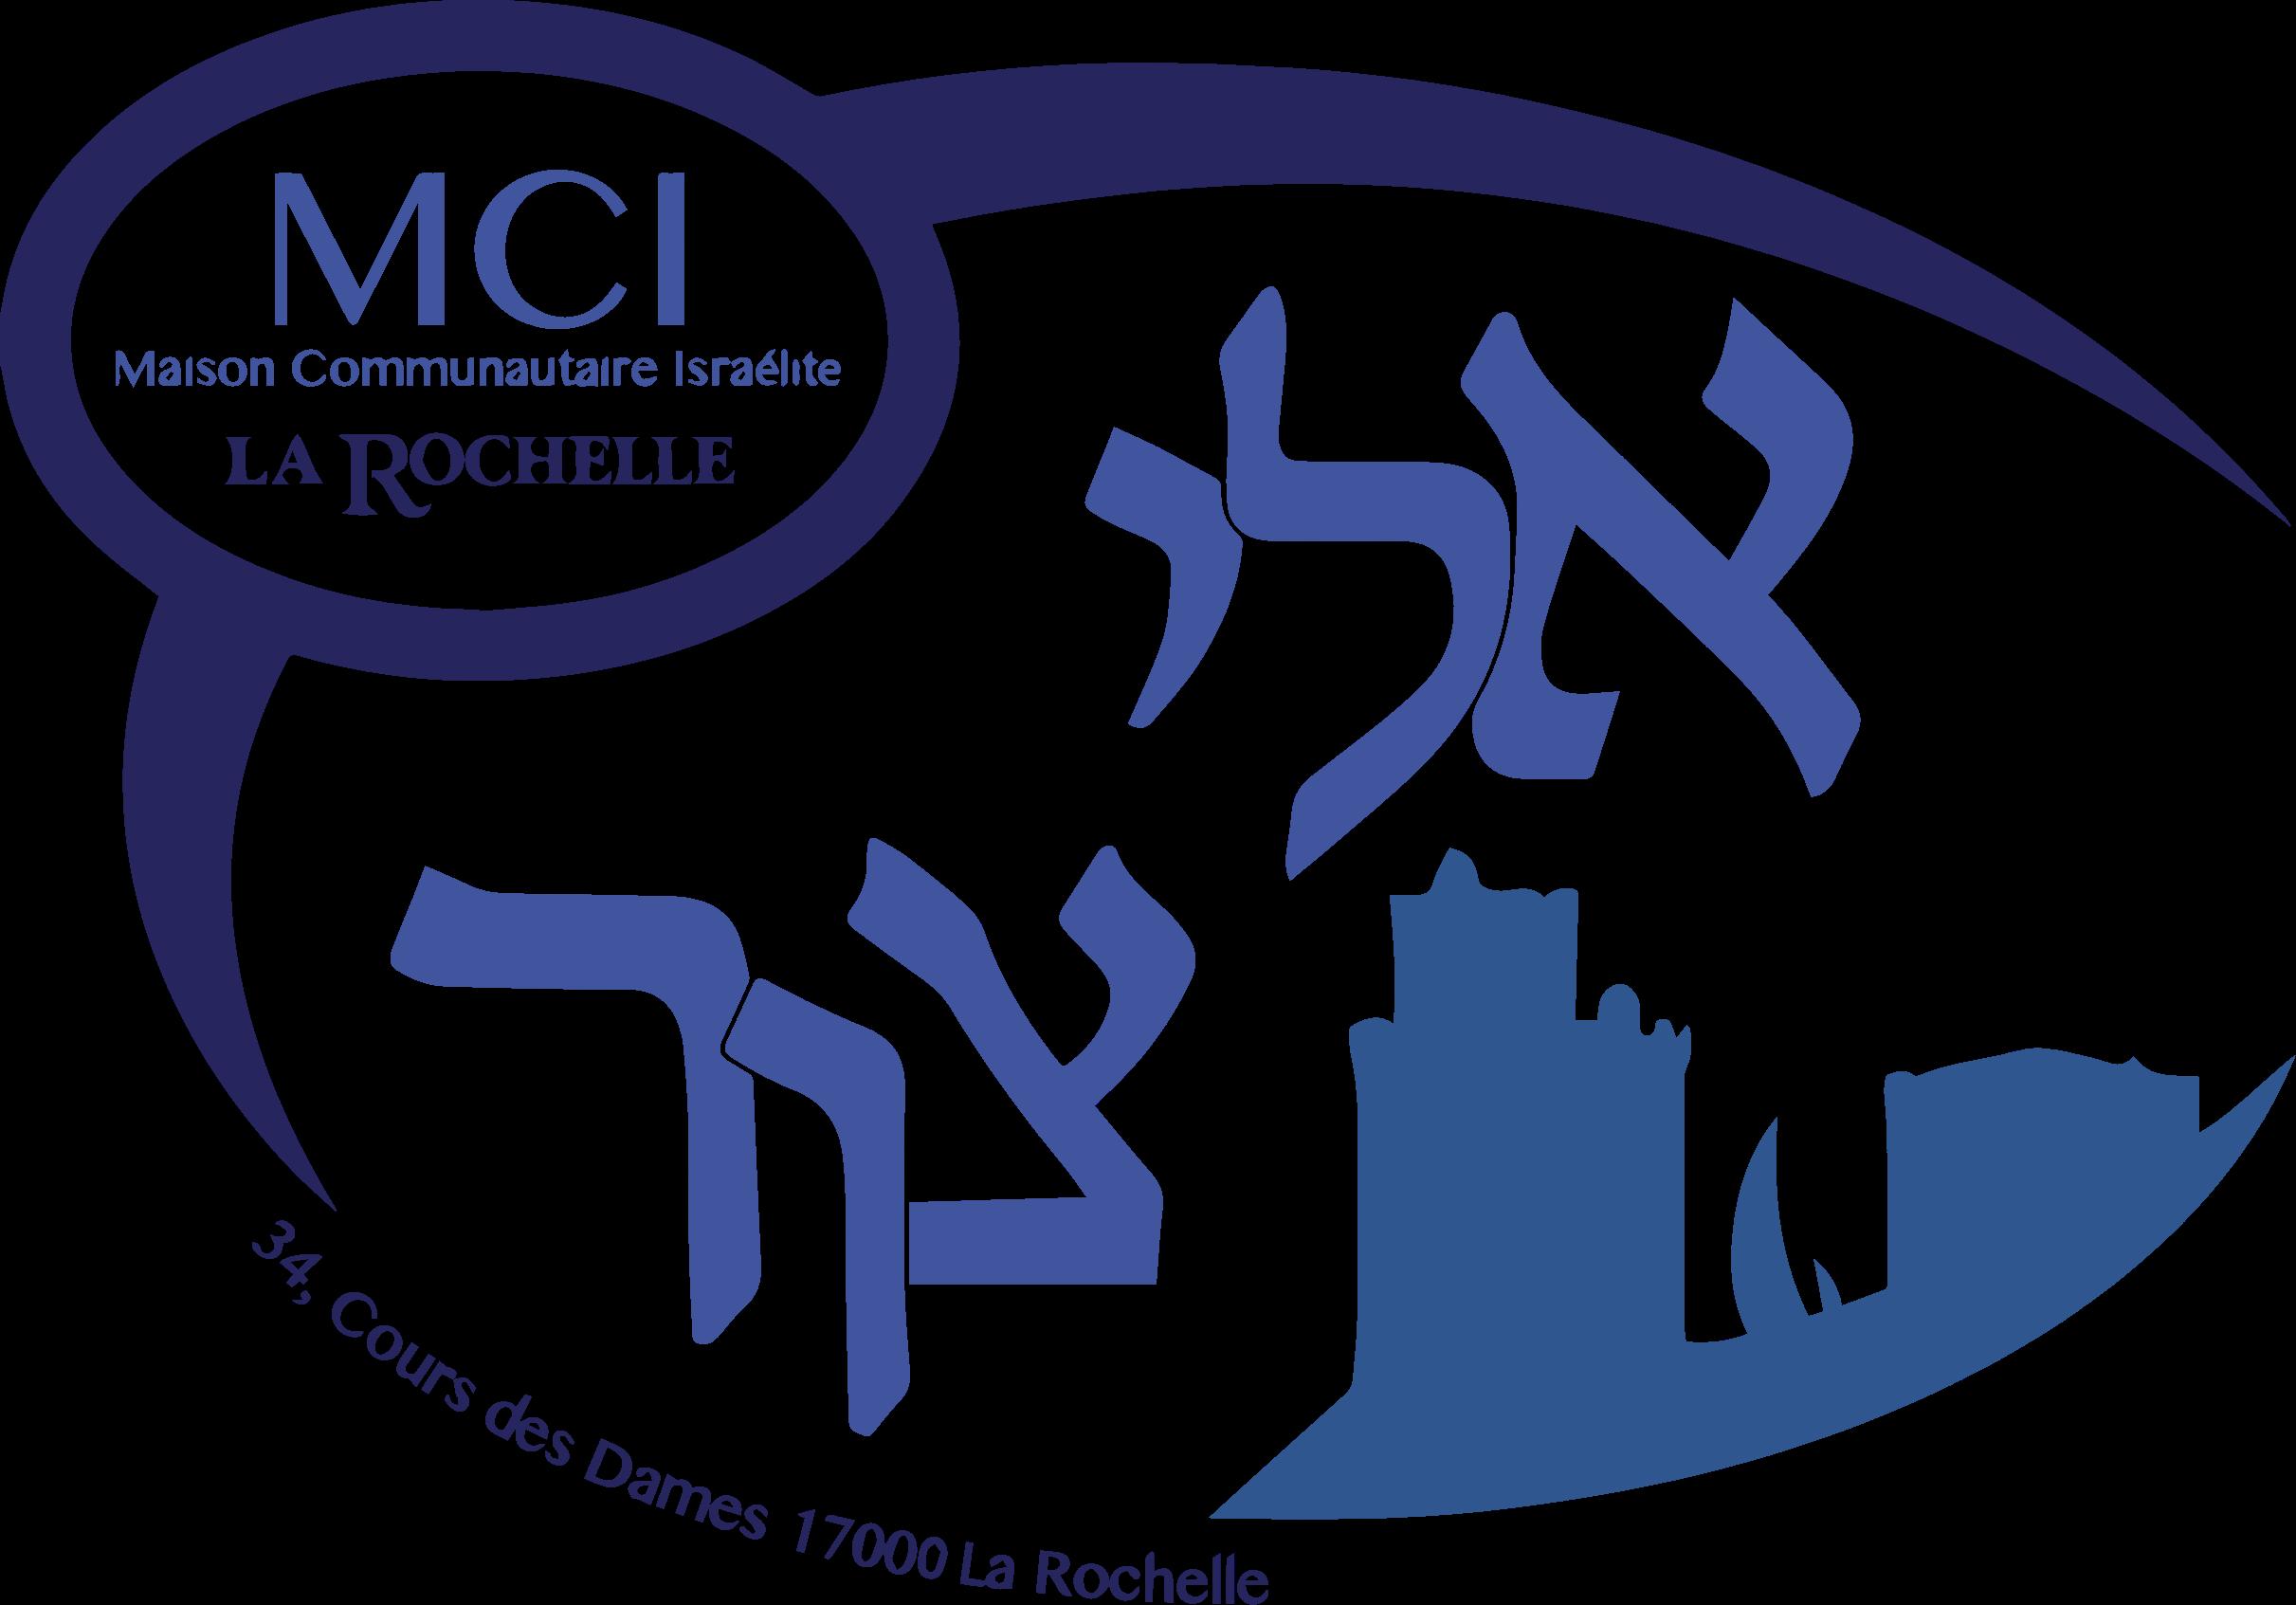 ikadia-portfolio-mci-logo